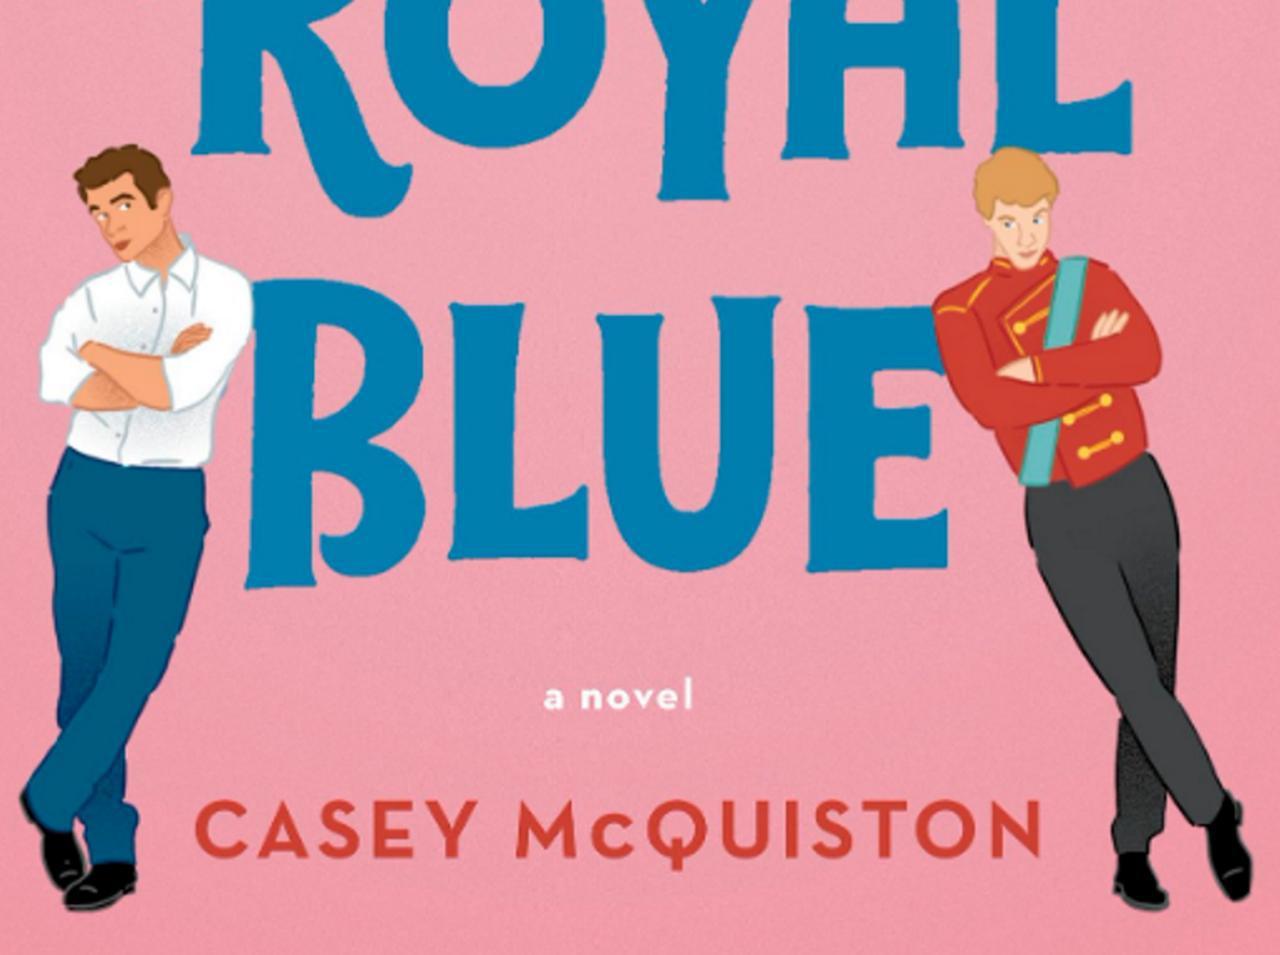 画像: 大統領の息子と英国王子が恋に落ちるラブコメ『Red, White & Royal Blue』映画化へ - フロントロウ -海外セレブ&海外カルチャー情報を発信